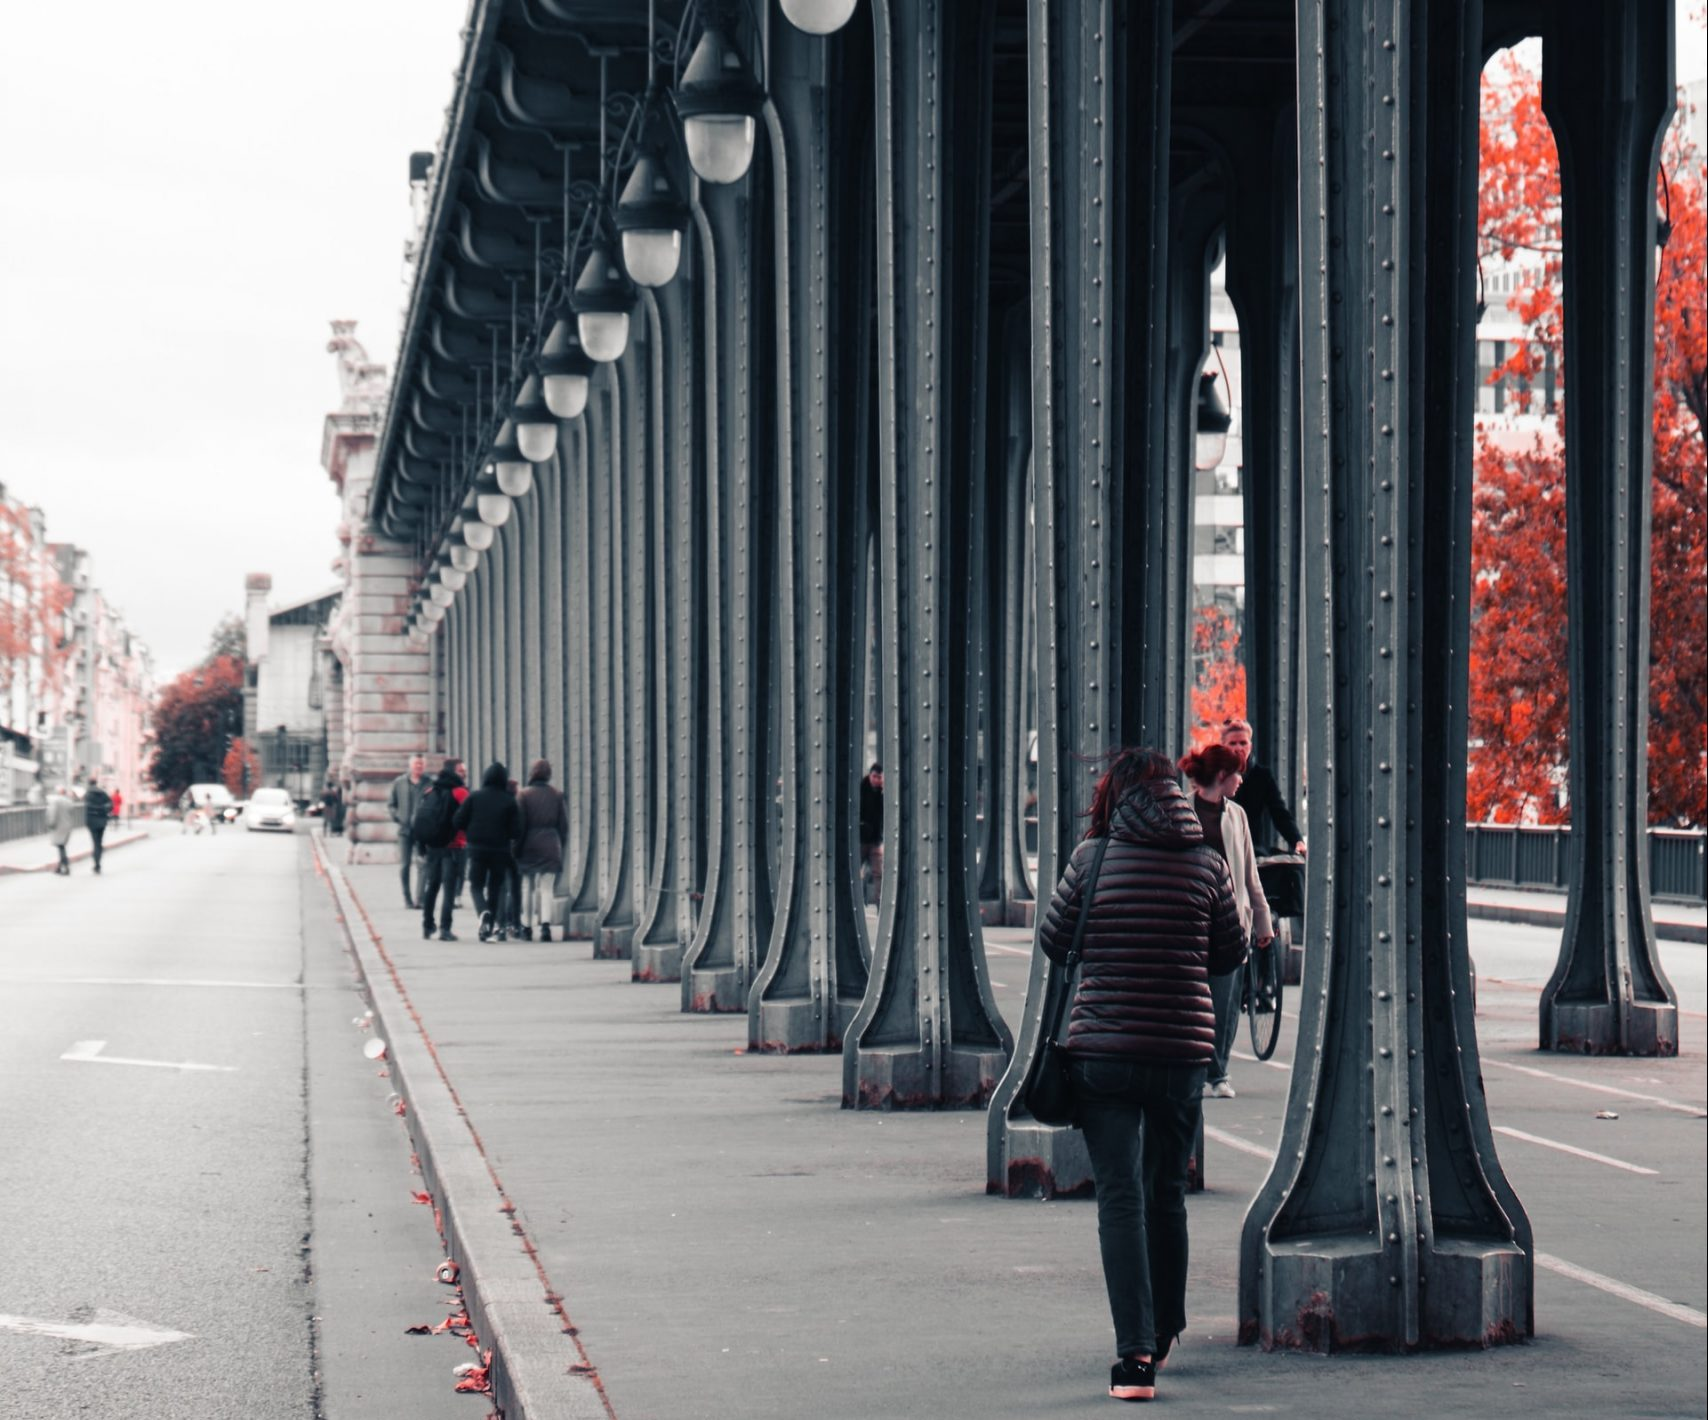 Pont de Bir-Hakeim in Paris